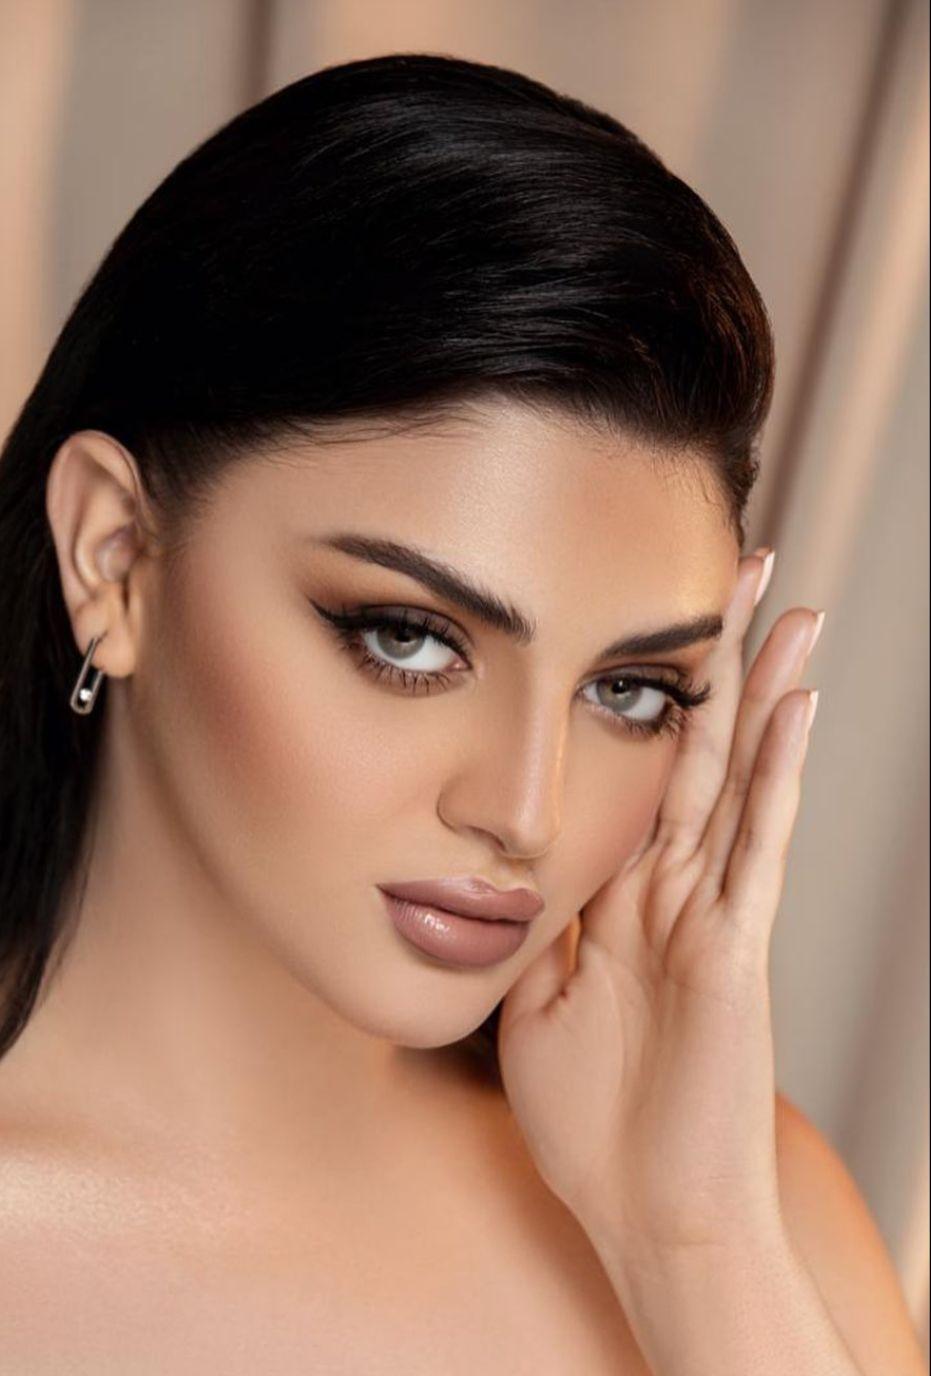 مكياج سموكي باسلوب خبيرة التجميل اروى محمد -الصورة من حسابها على الانستغرام